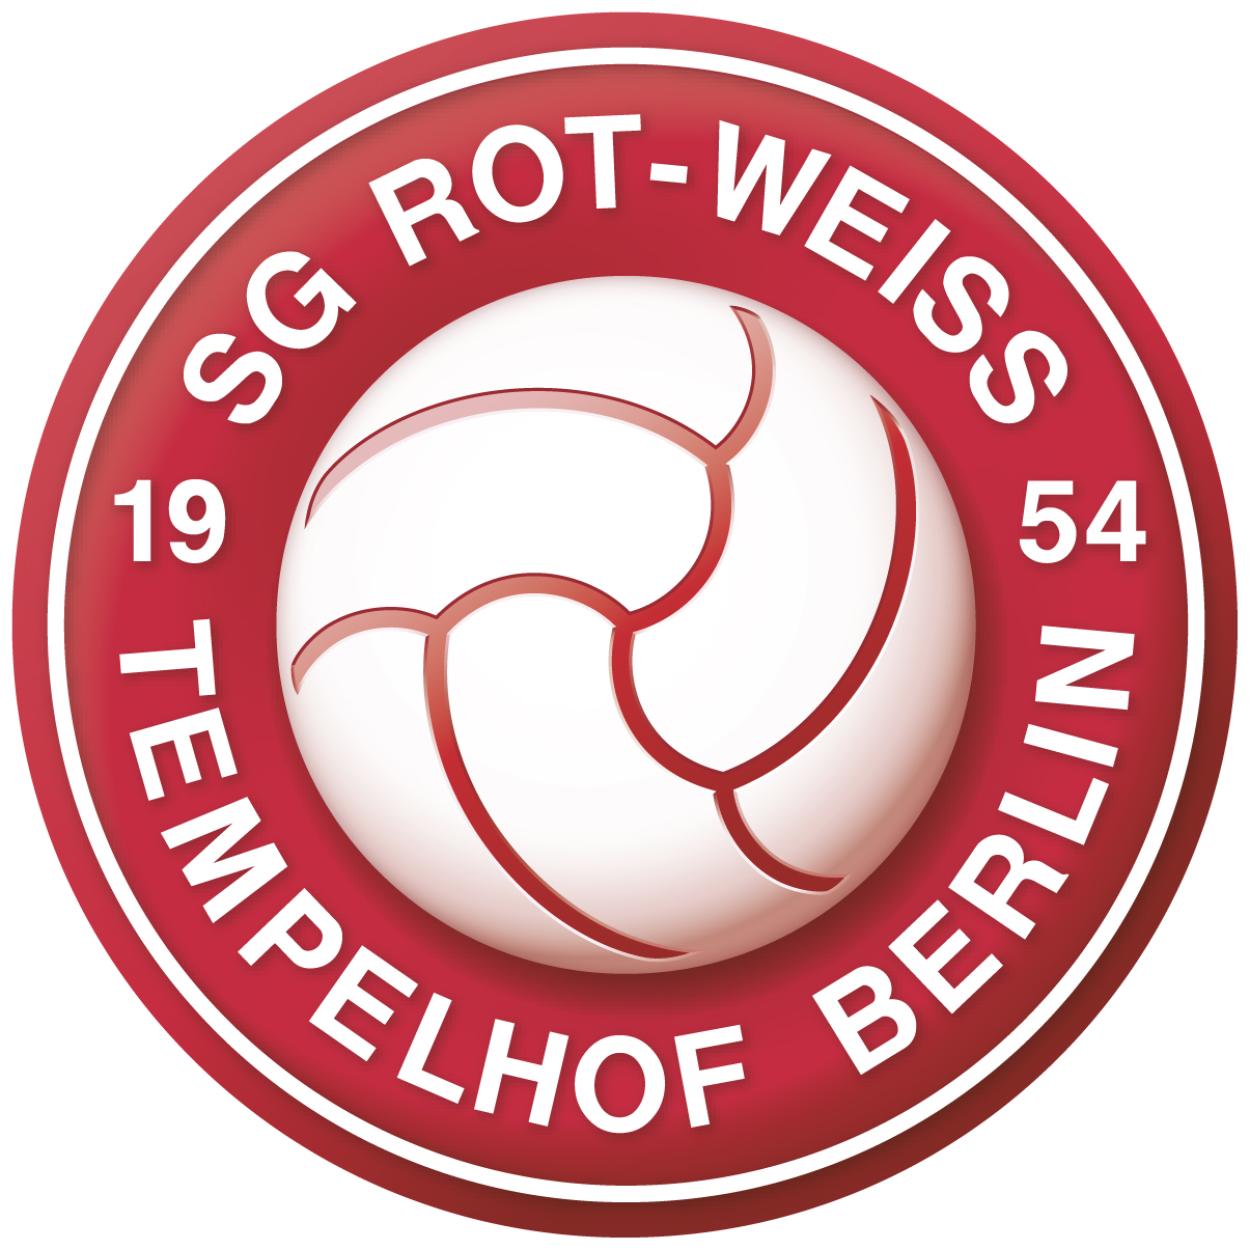 Rot-Weiss-Tempelhof e.V.